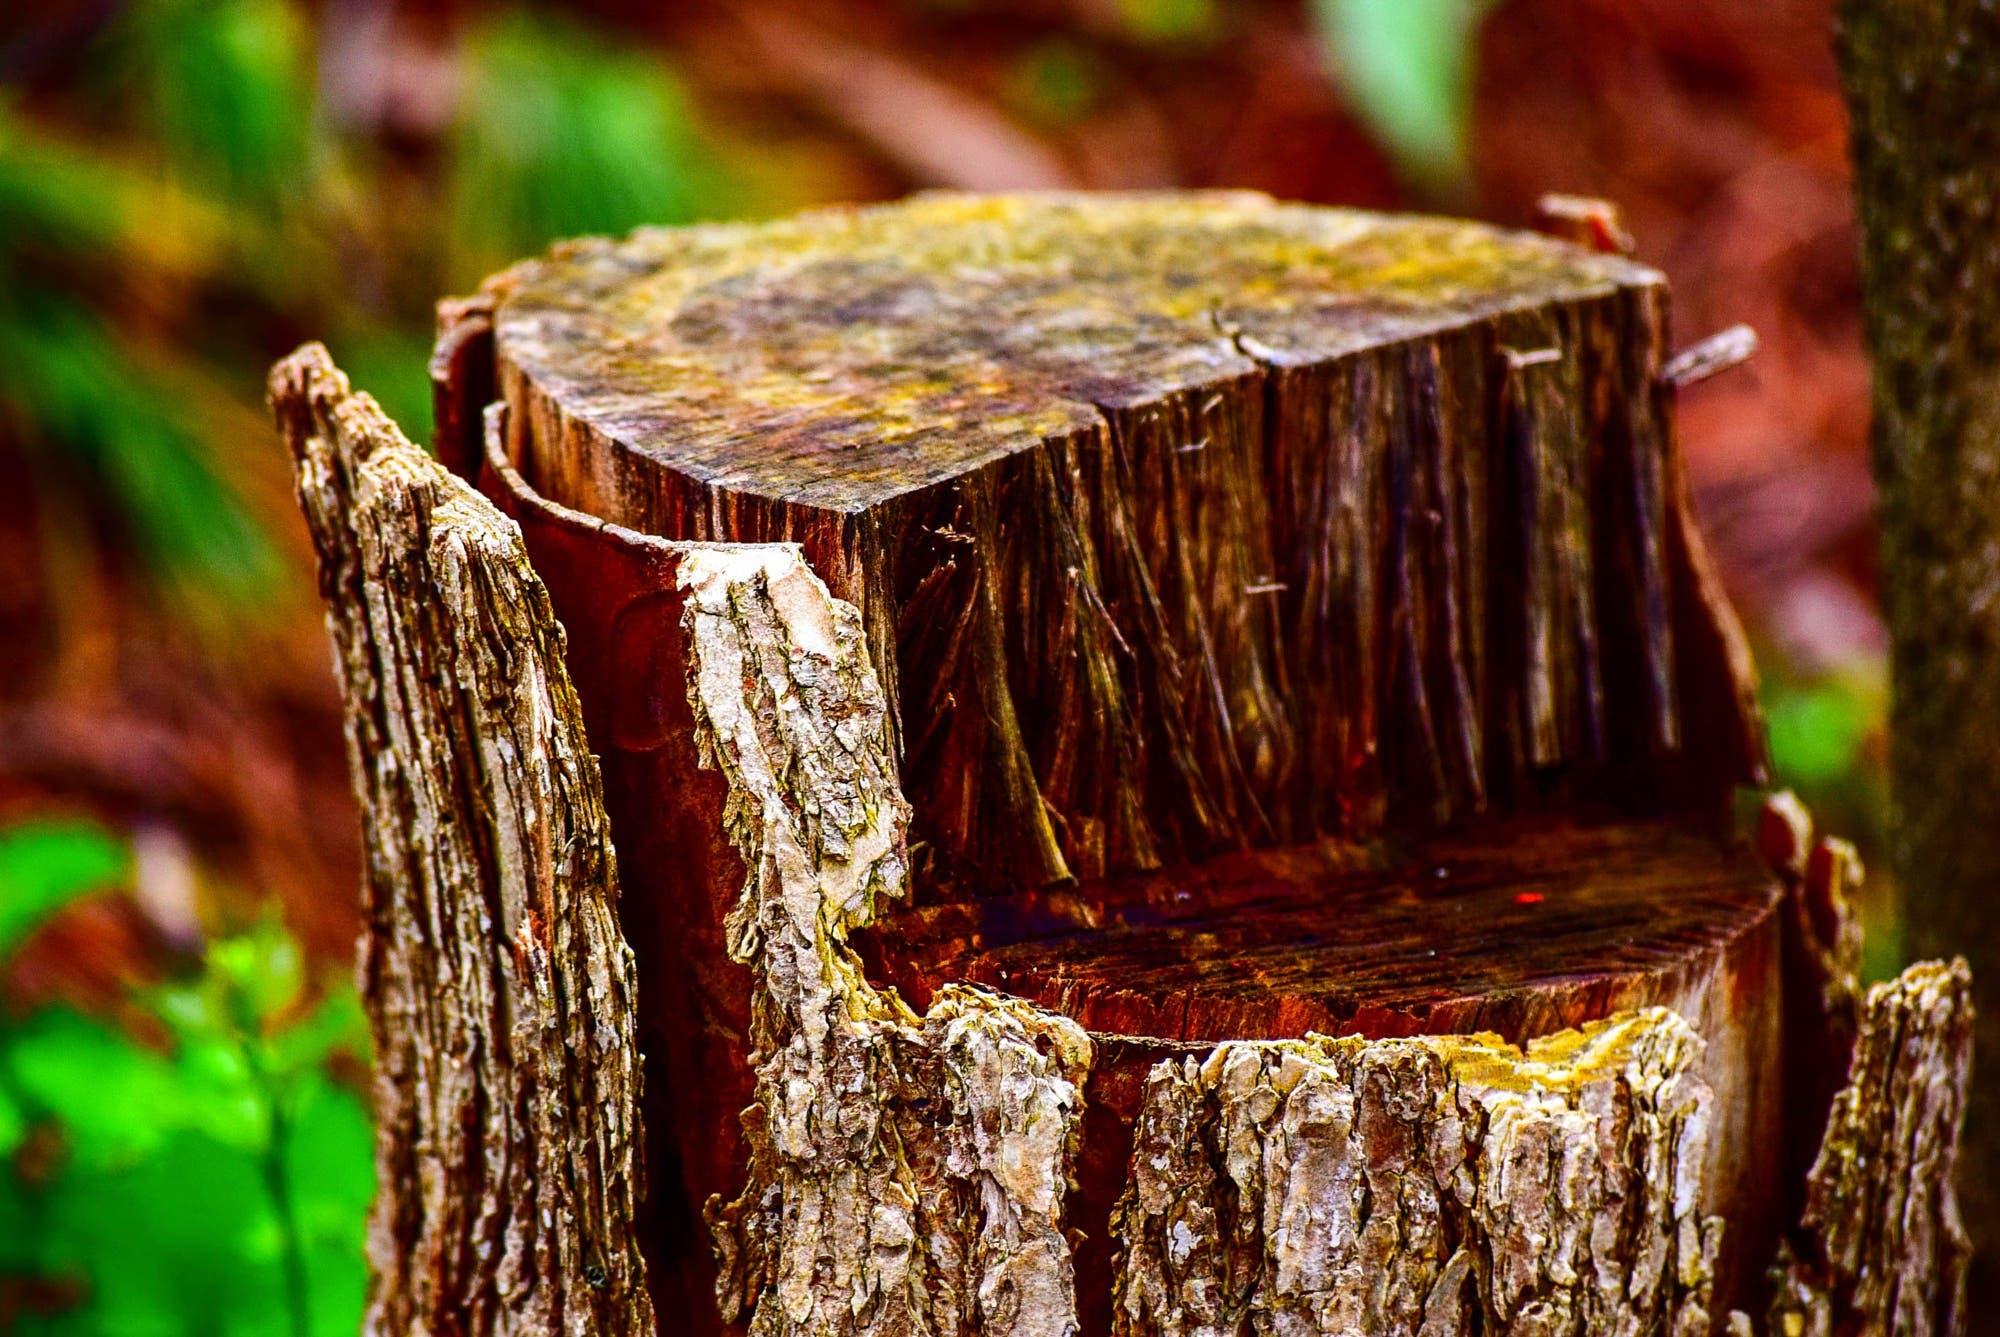 Δωρεάν στοκ φωτογραφιών με δέντρο, κομμένος κορμός